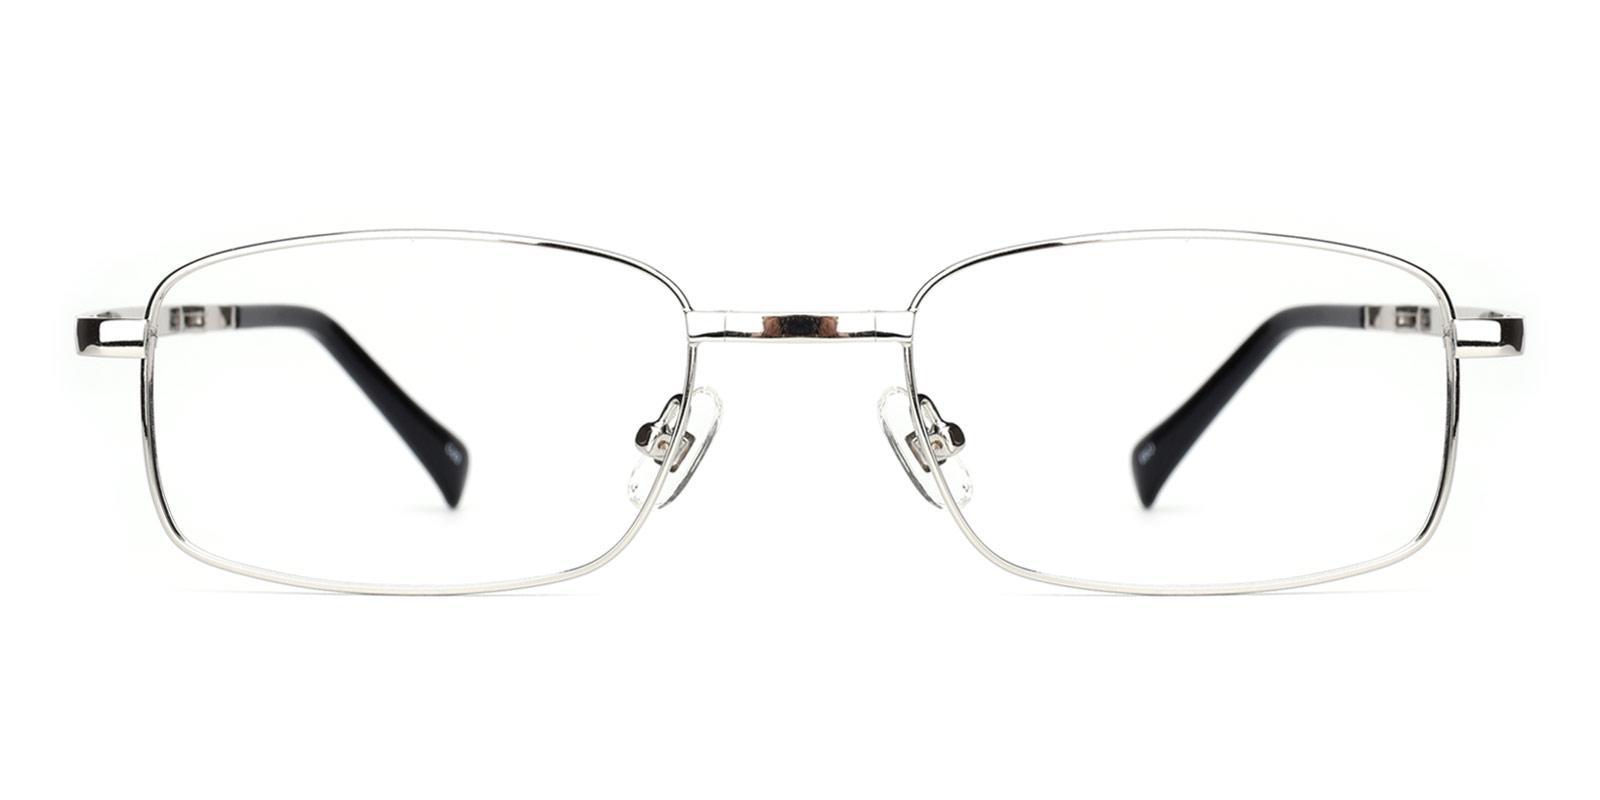 Logan-Silver-Rectangle-Metal-Eyeglasses-detail